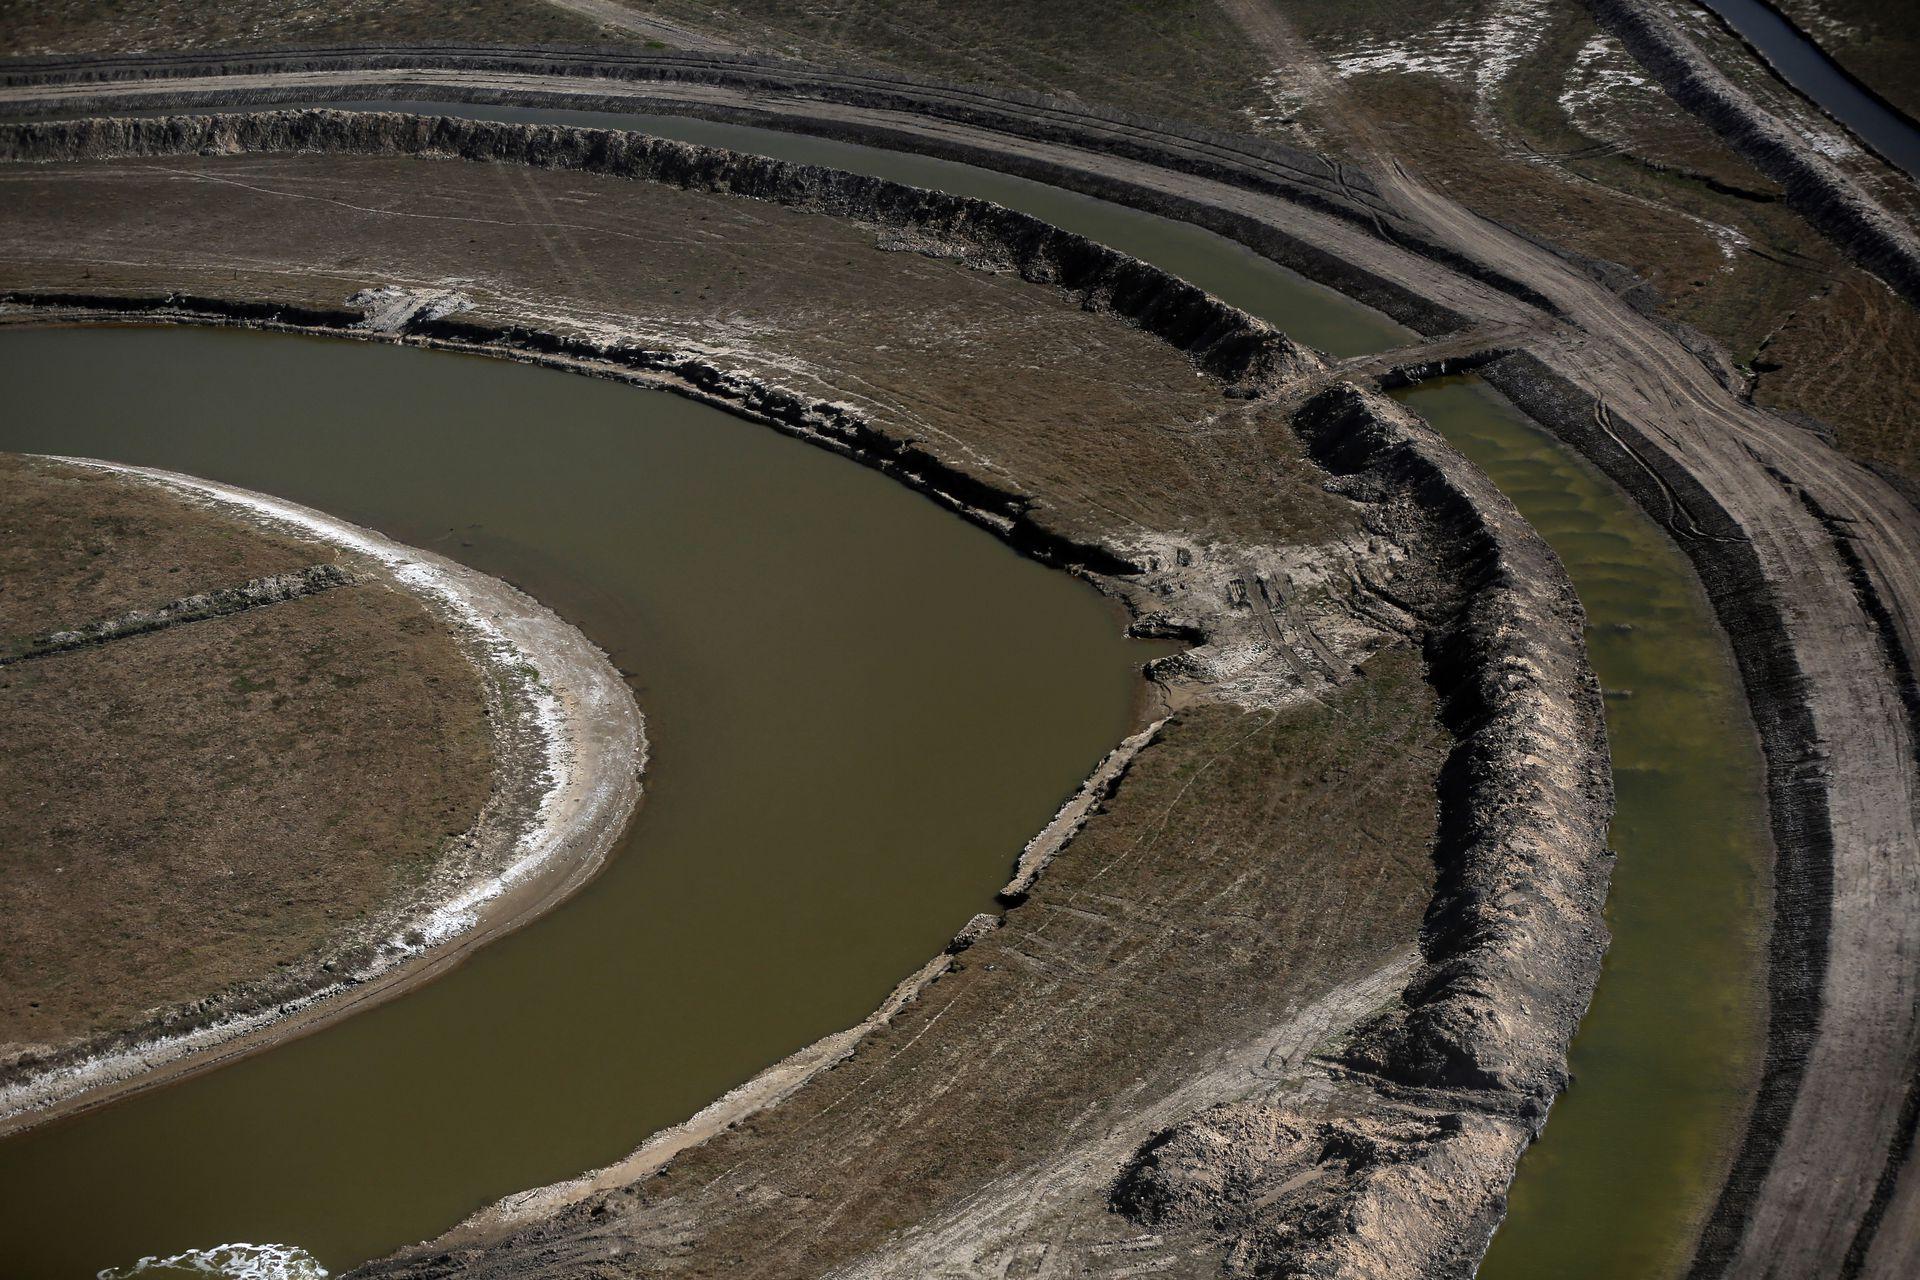 Vista aérea del Plan Maestro Integral de la Cuenca del Rio Salado, en Roque Pérez